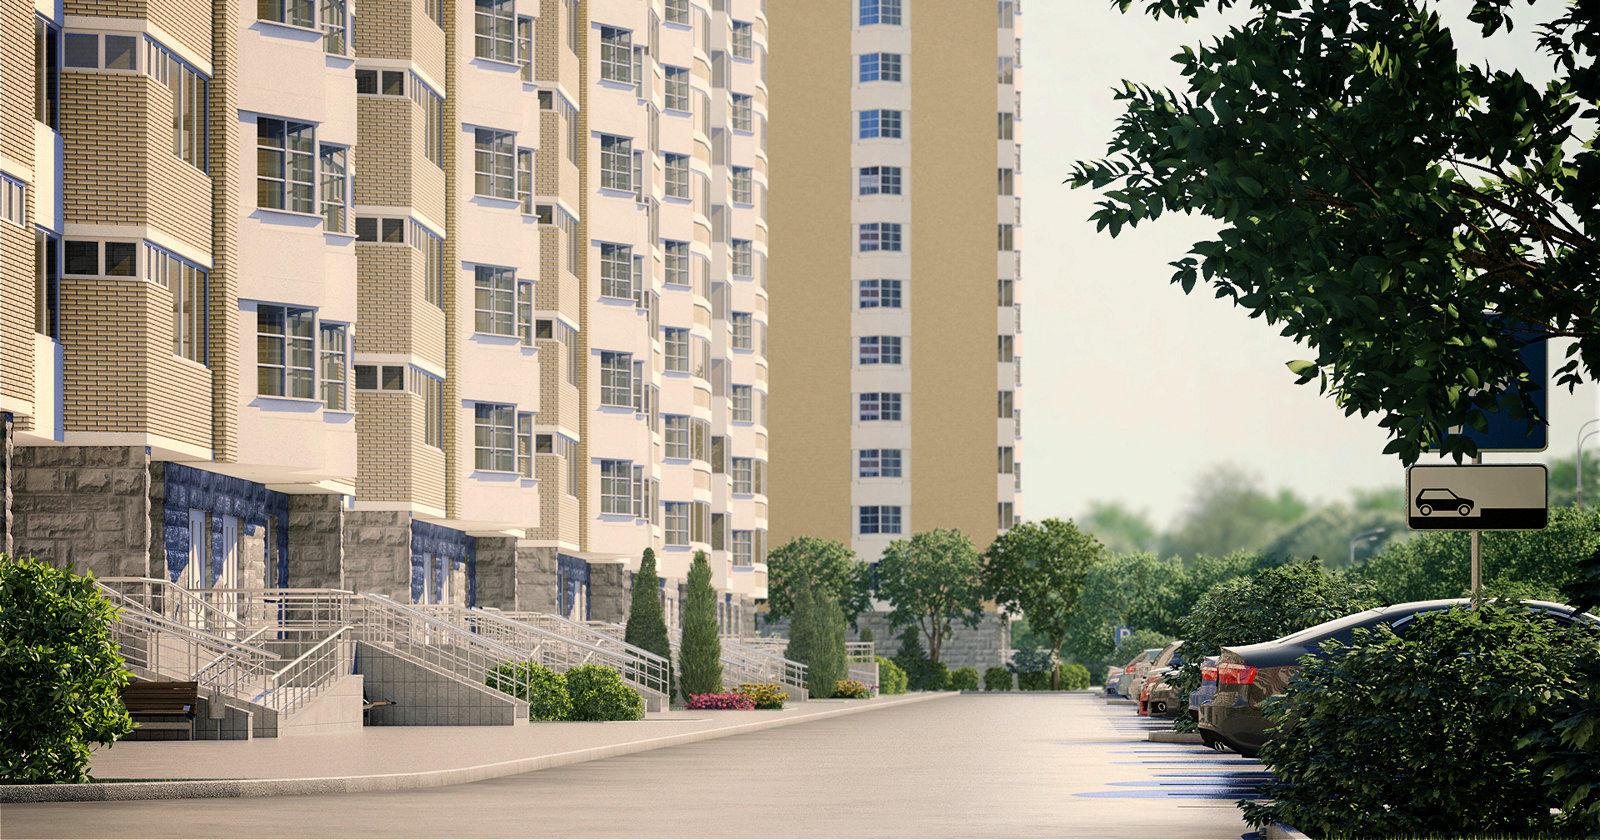 Некрасовка парк коммерческая недвижимость коммерческая недвижимость в москве продажа срочно